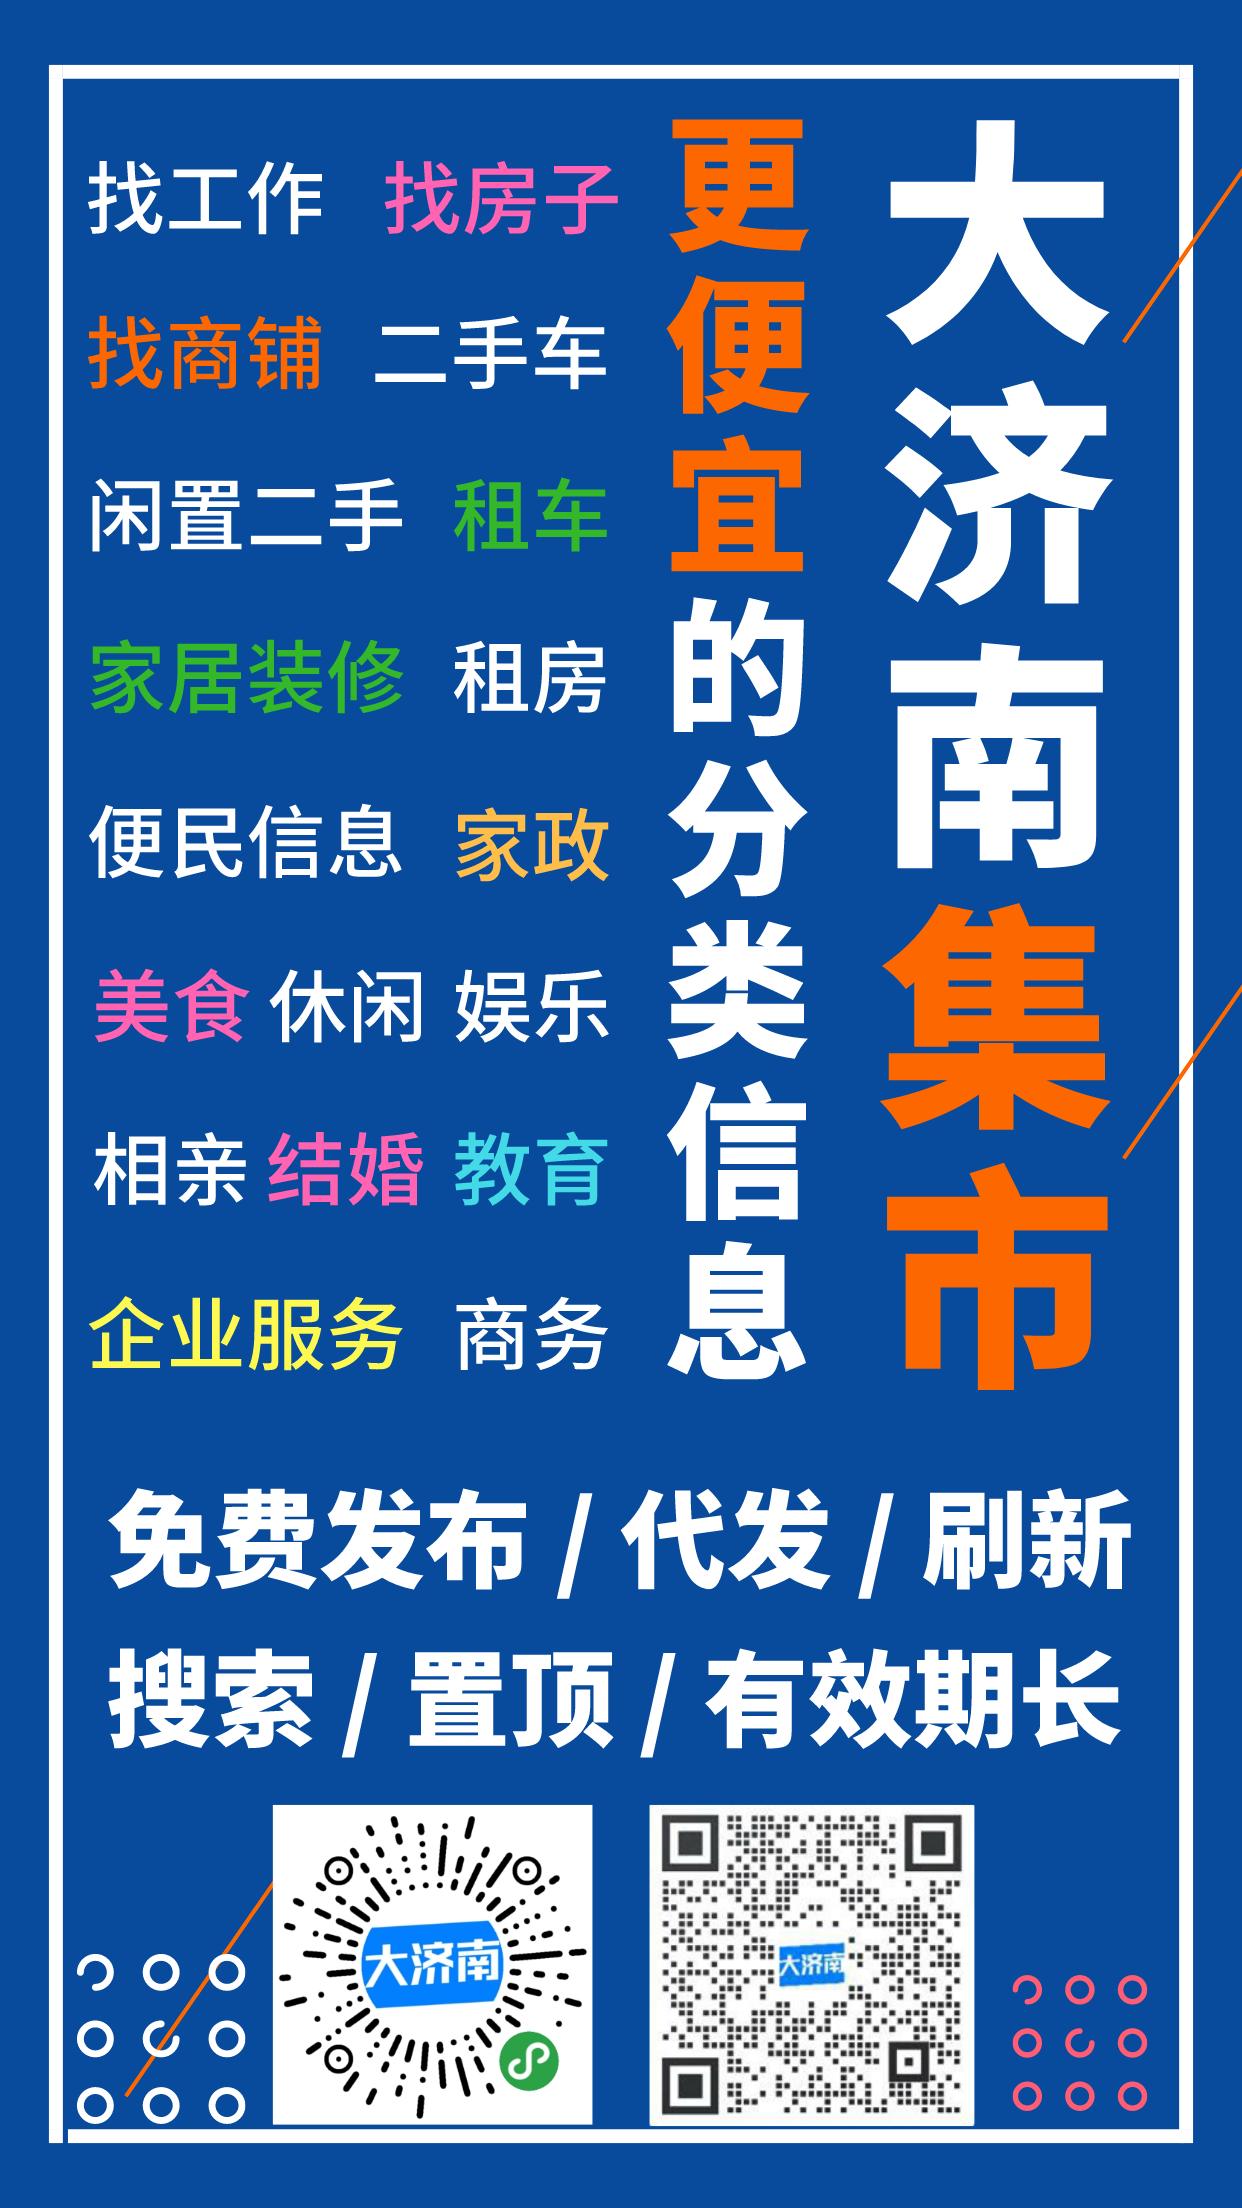 【大济南集市·我们有话说】2021年1月3日,说说您工作生活的地方离父母远吗?